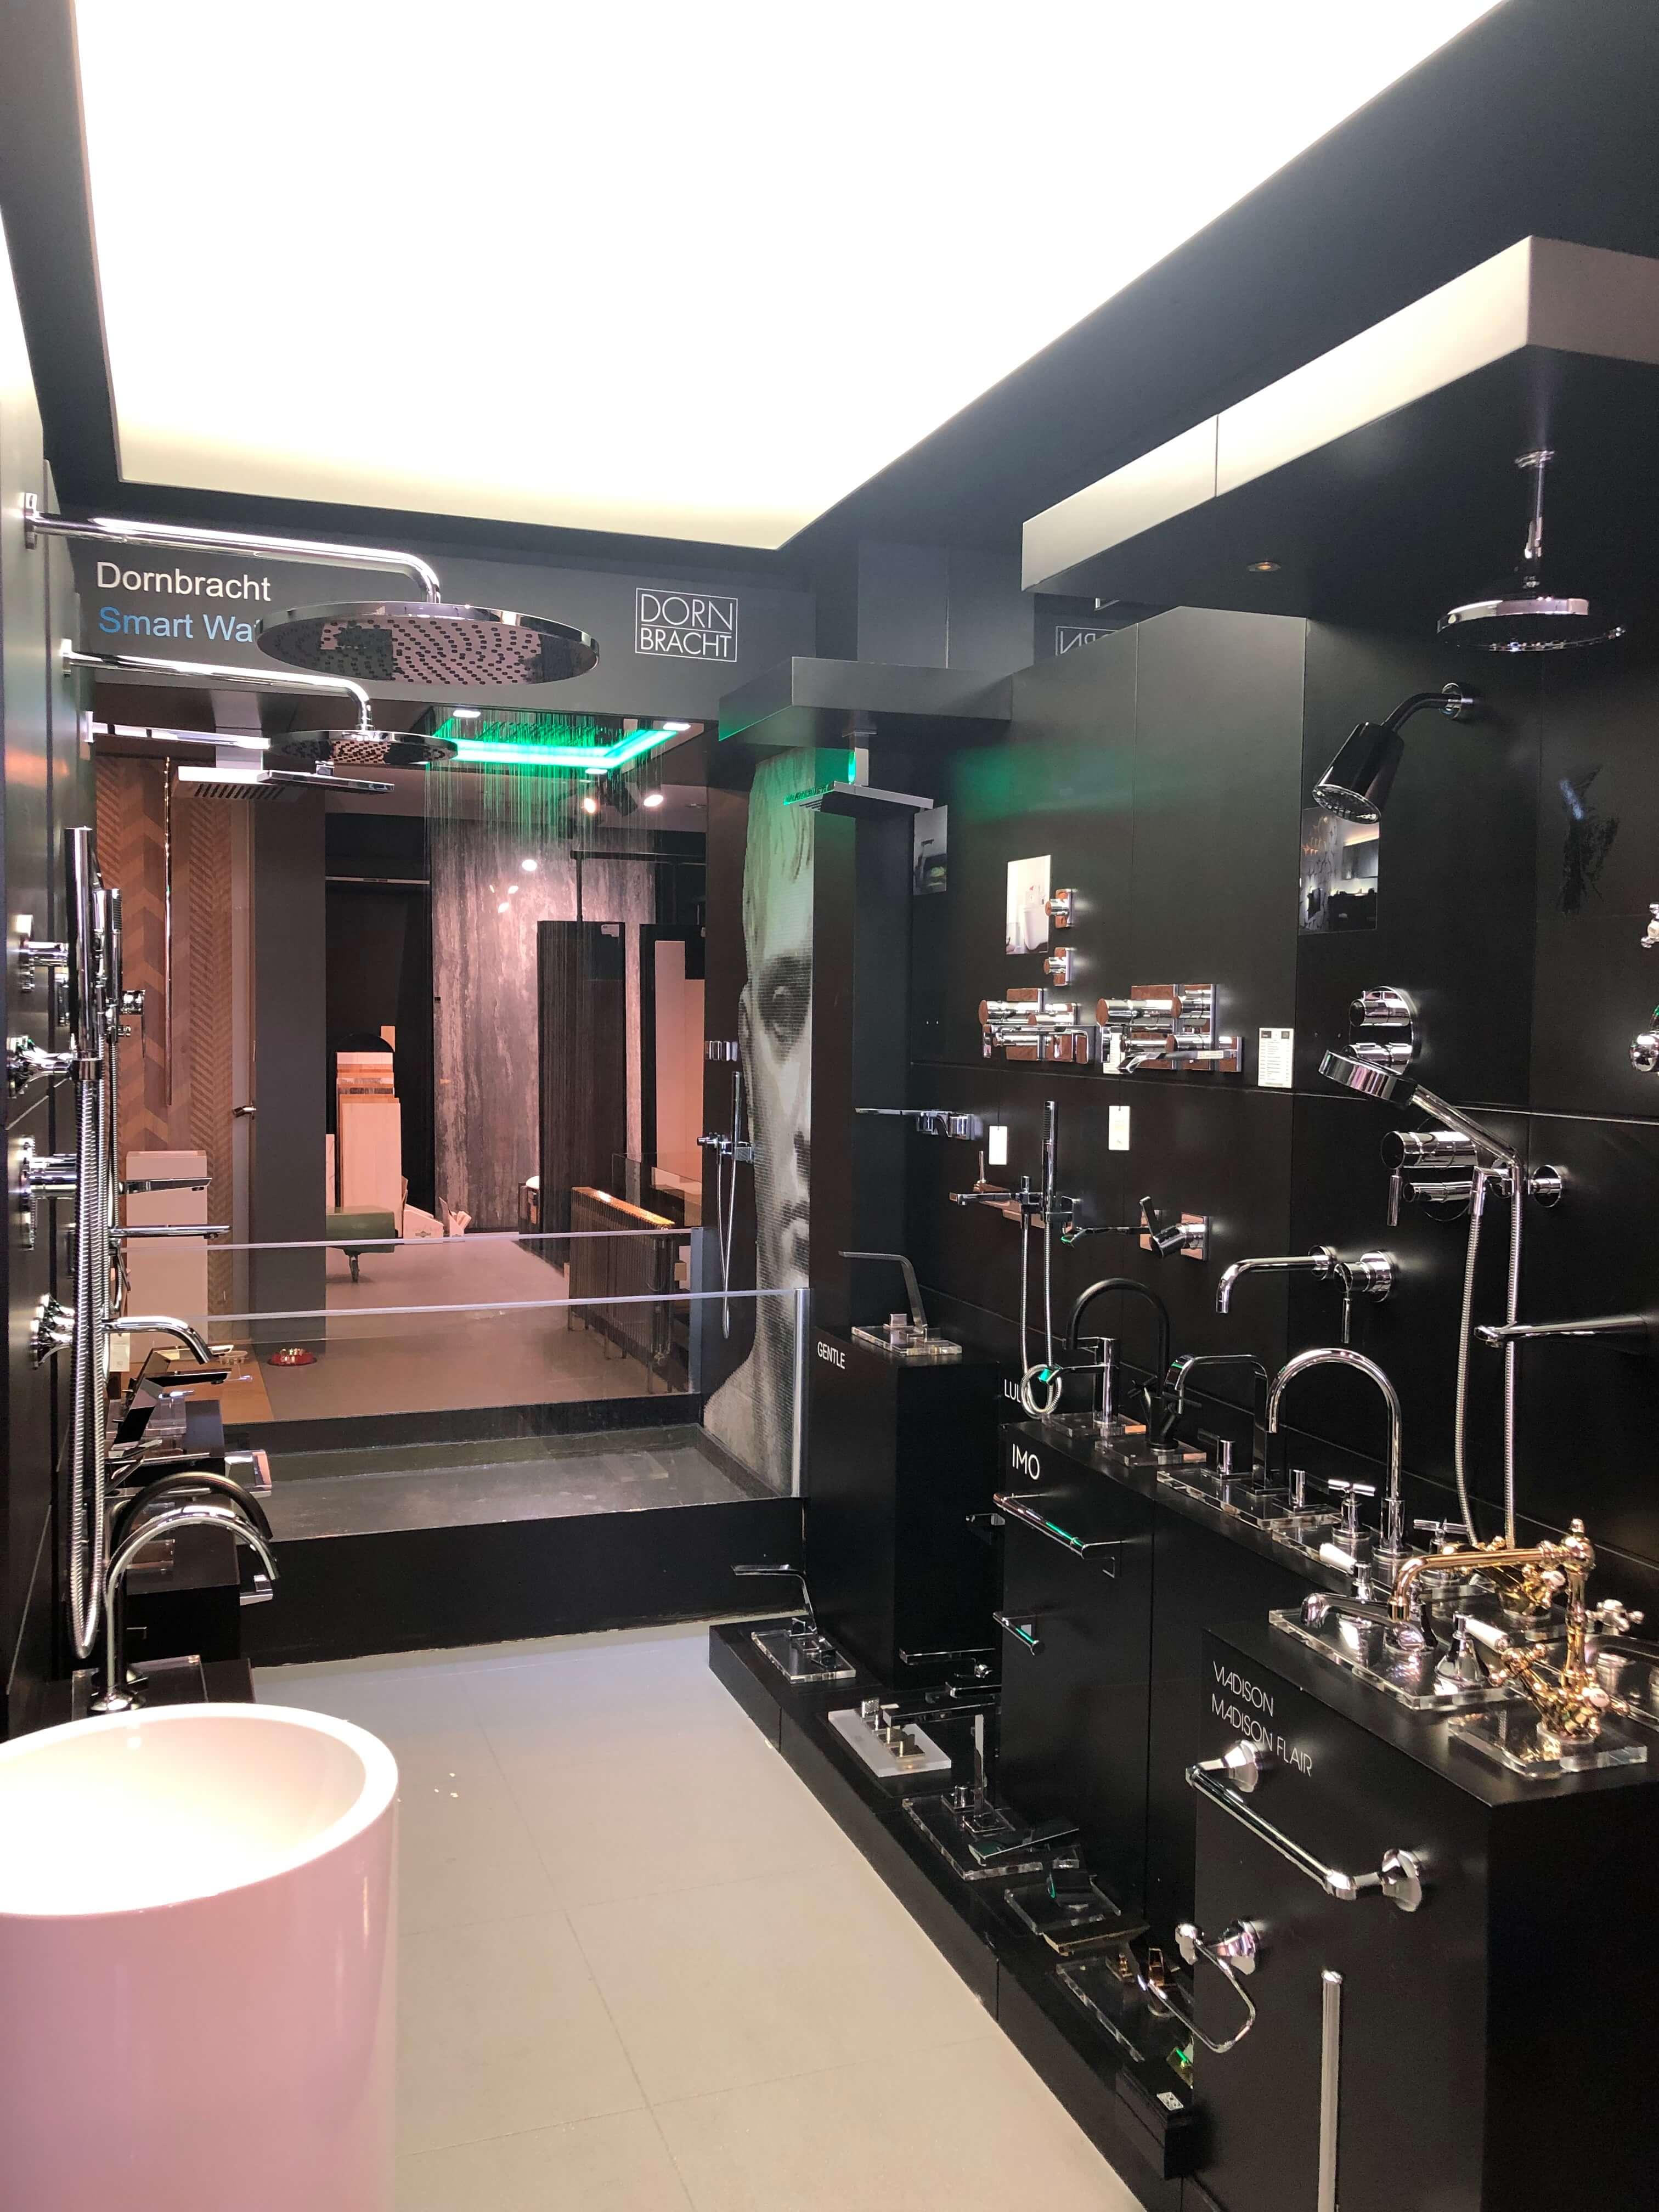 dekomart showroom image 15